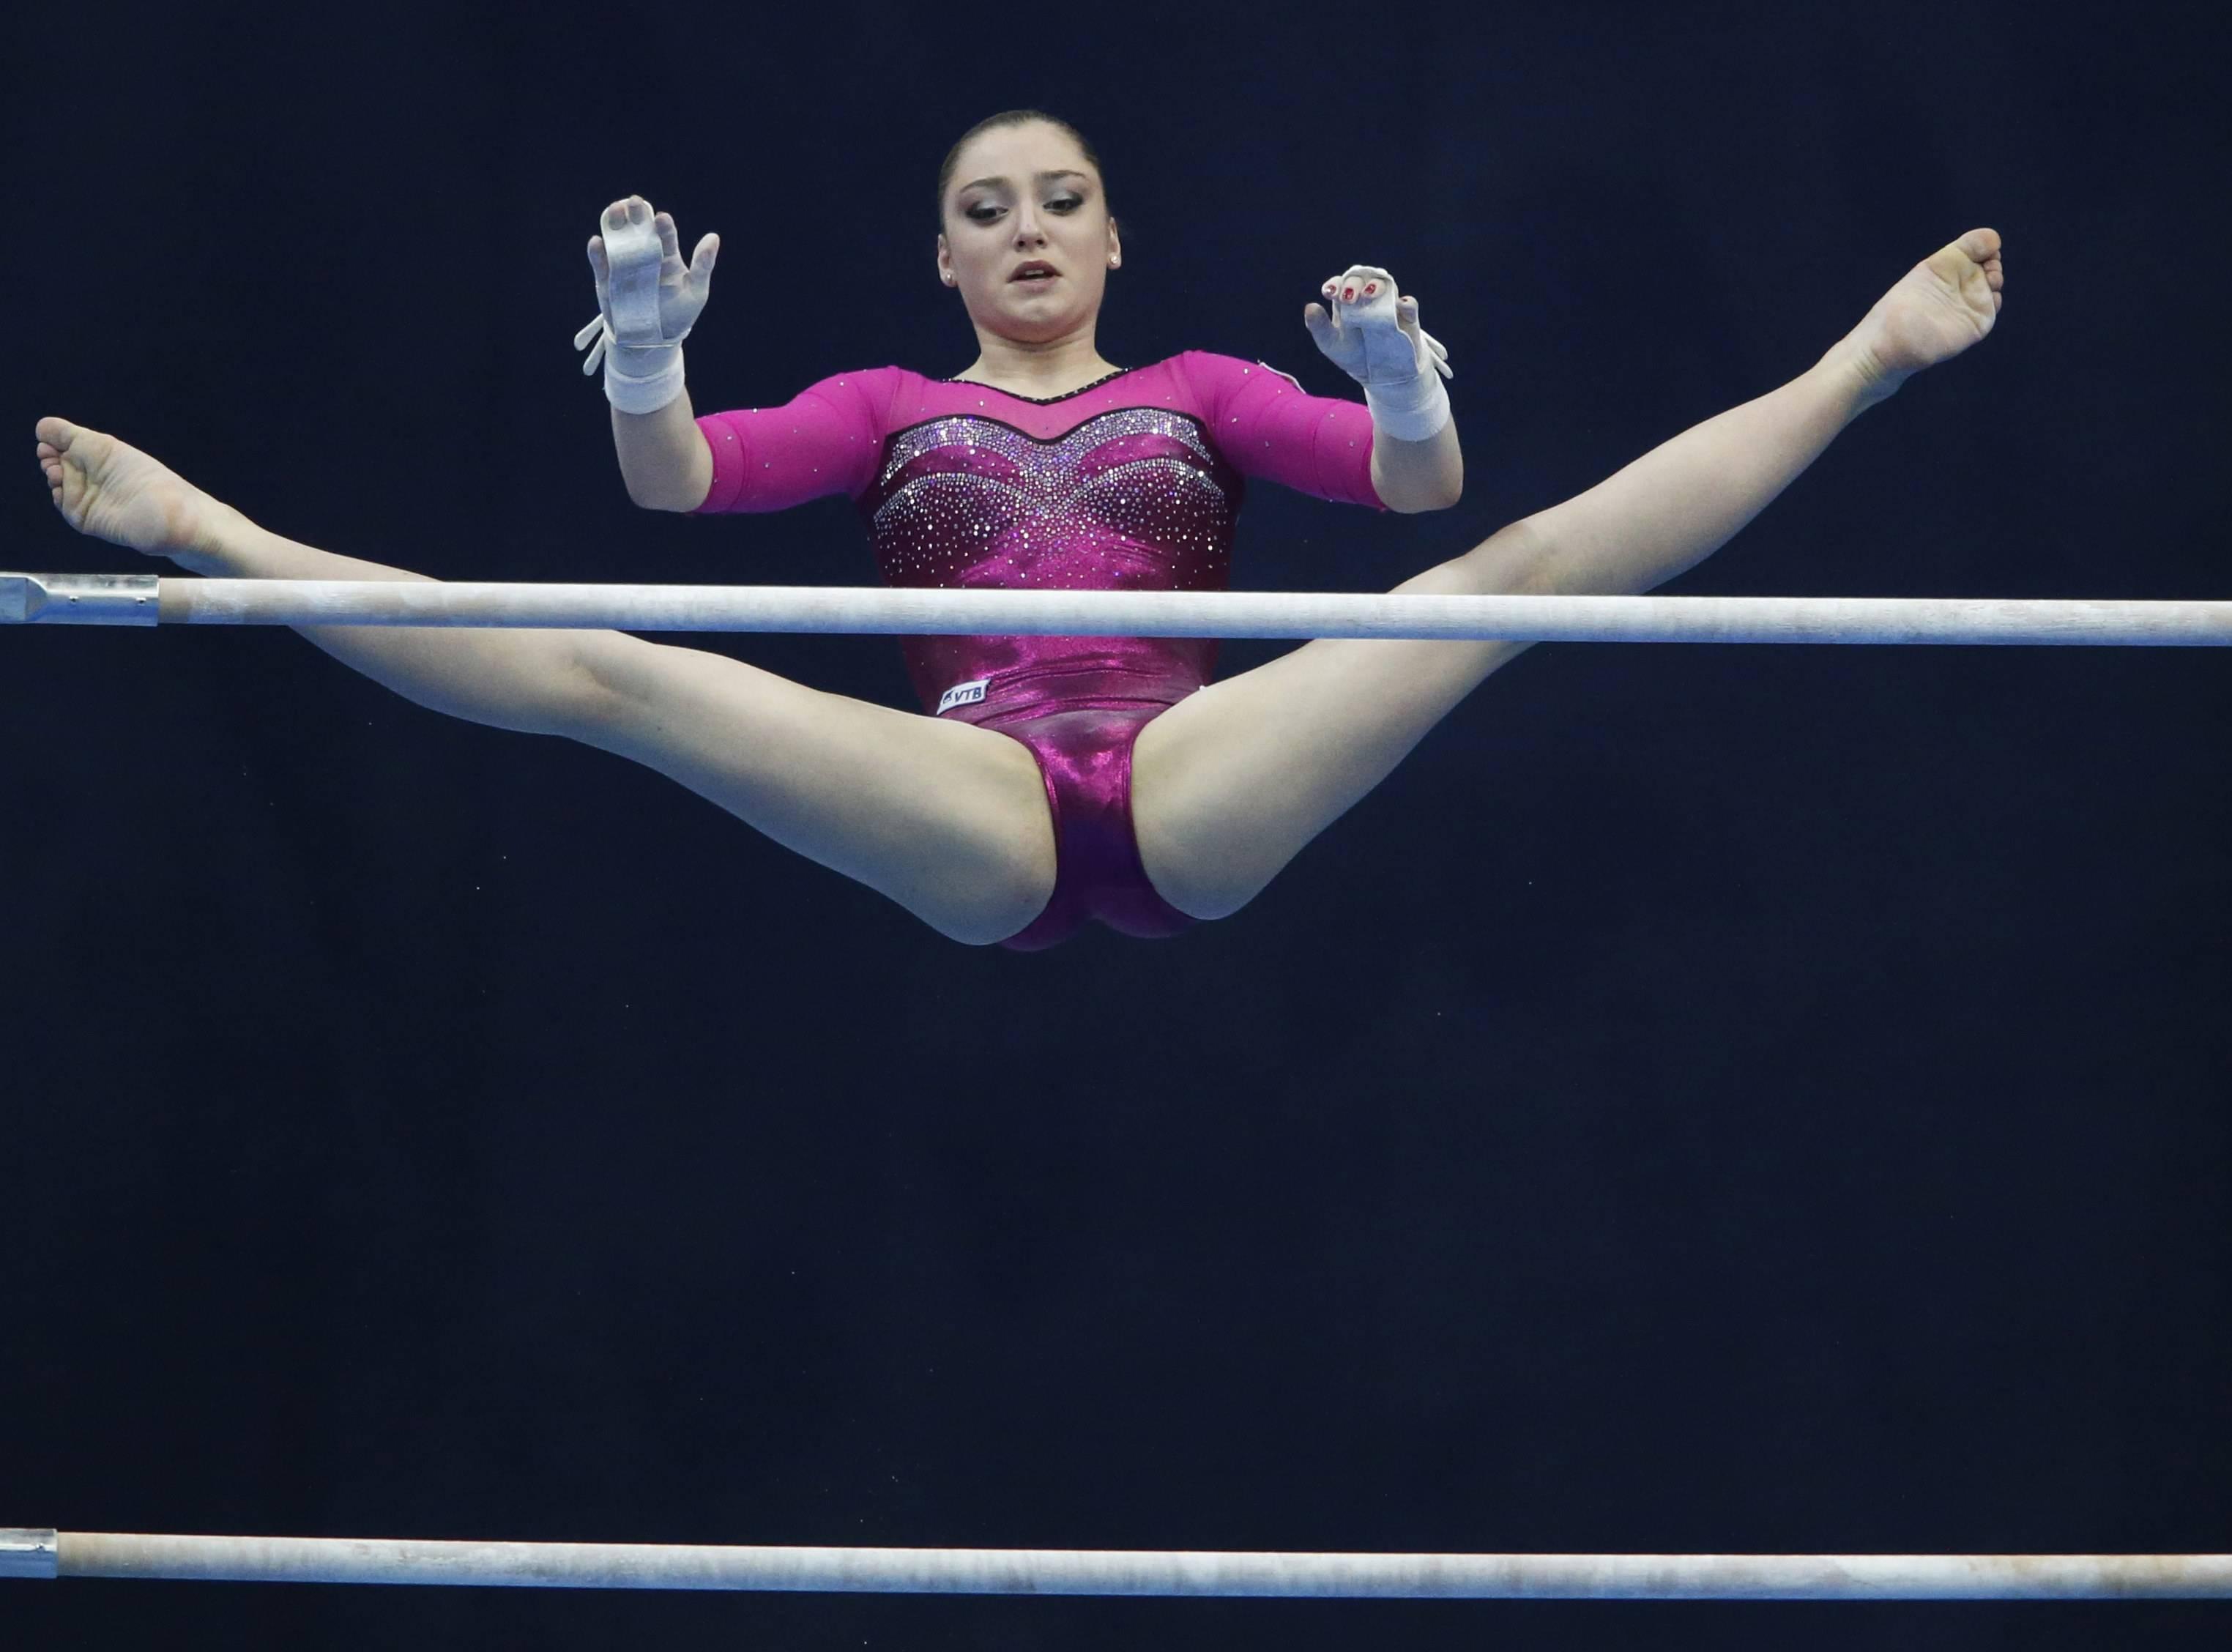 полакомиться женская спортивная гимнастика фото этом